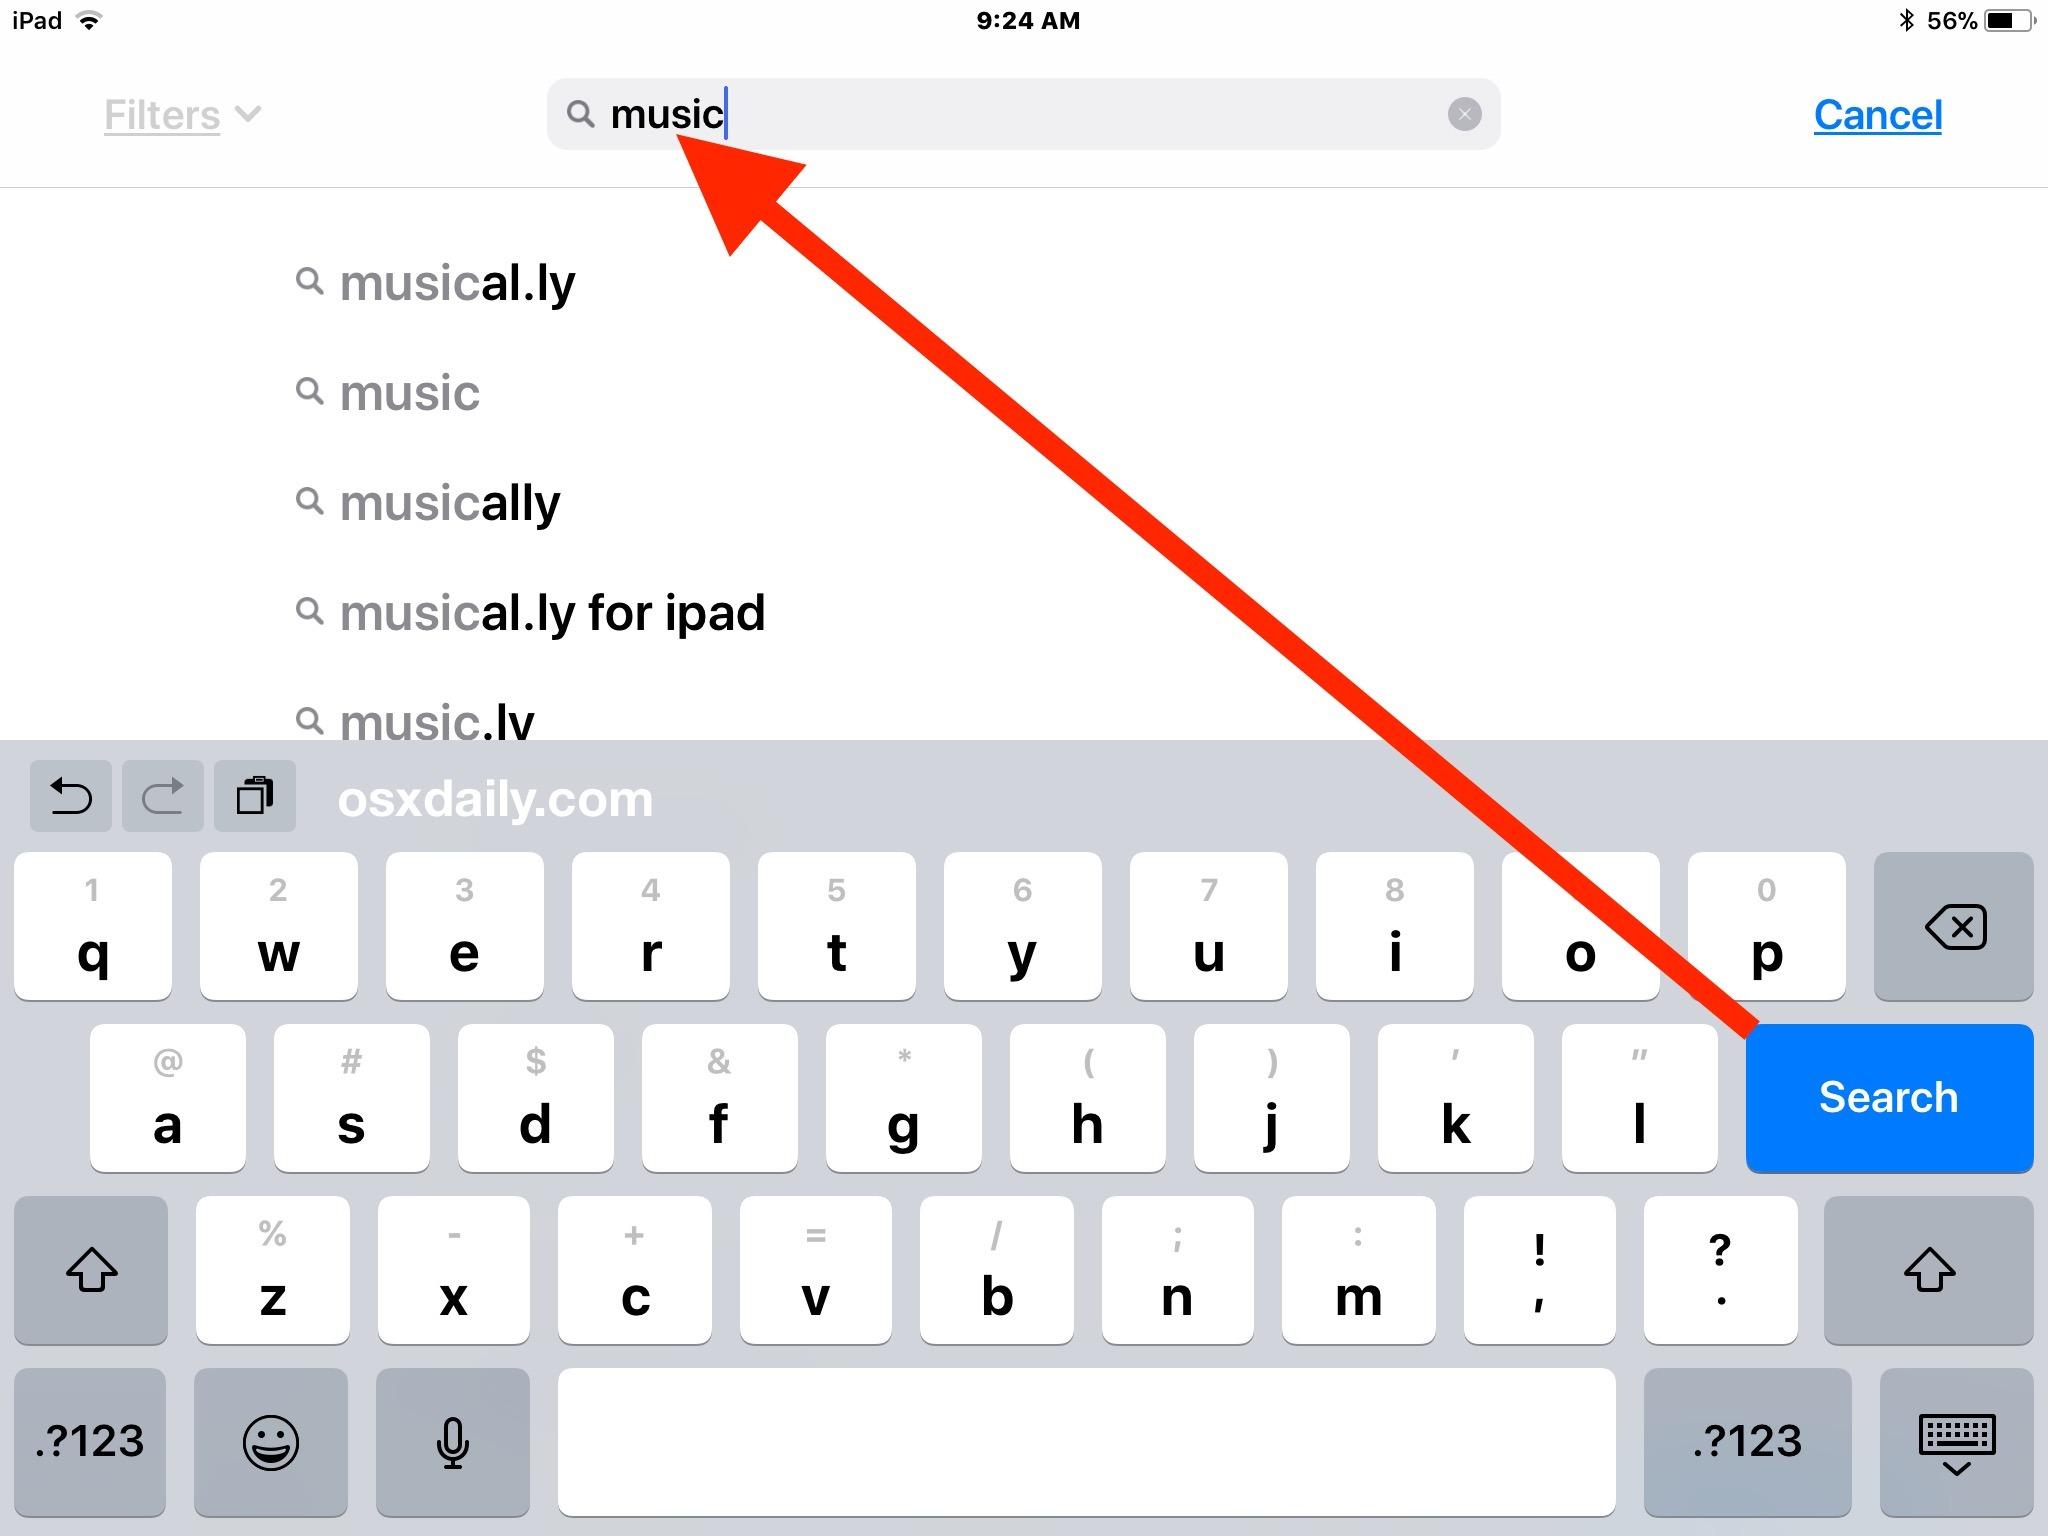 Riscarica le app stock per ripristinare le app predefinite sul dispositivo iOS